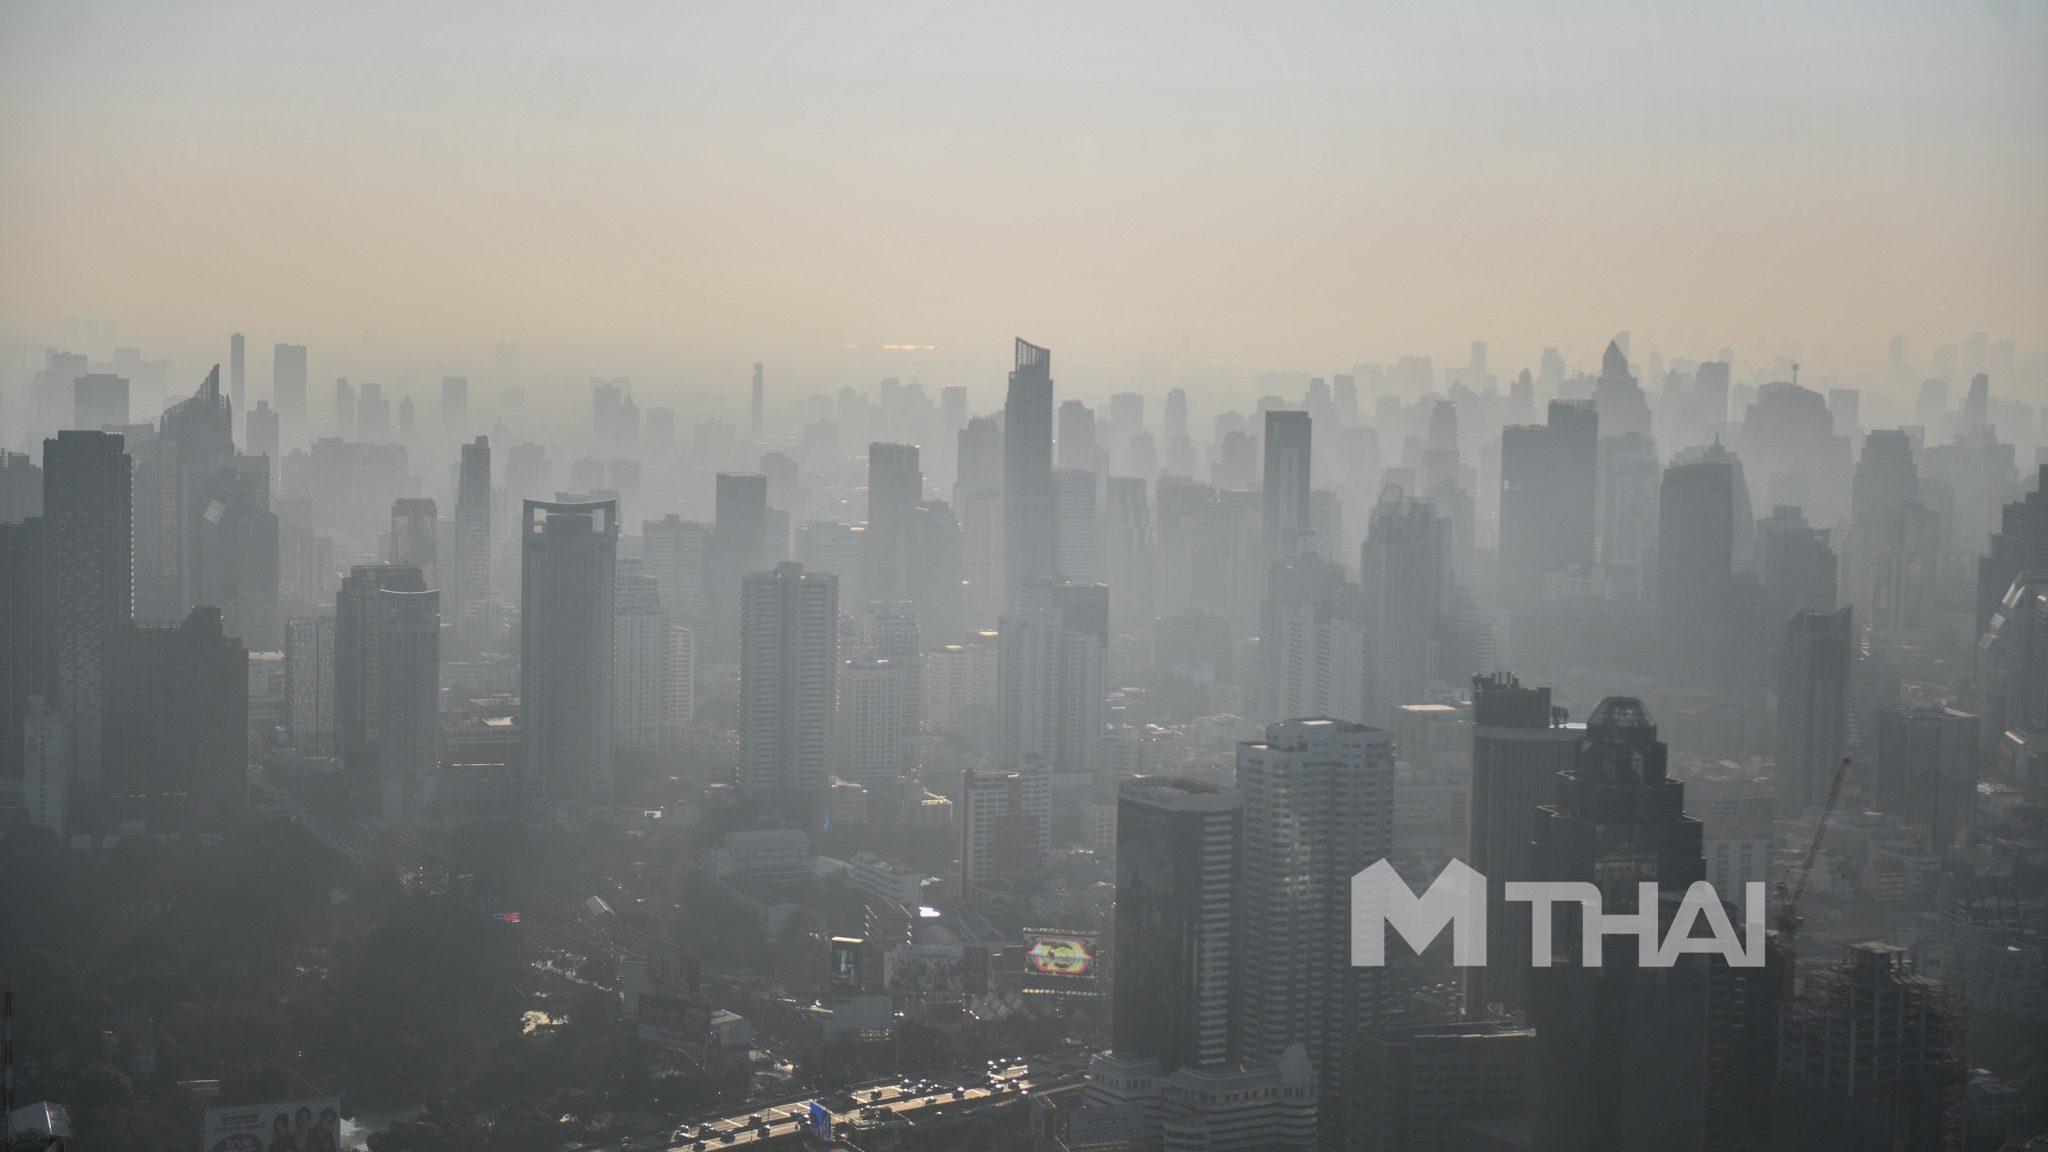 เช้านี้ กรุงเทพฯ พบค่าฝุ่น PM2.5 เกินมาตรฐาน 56 พื้นที่